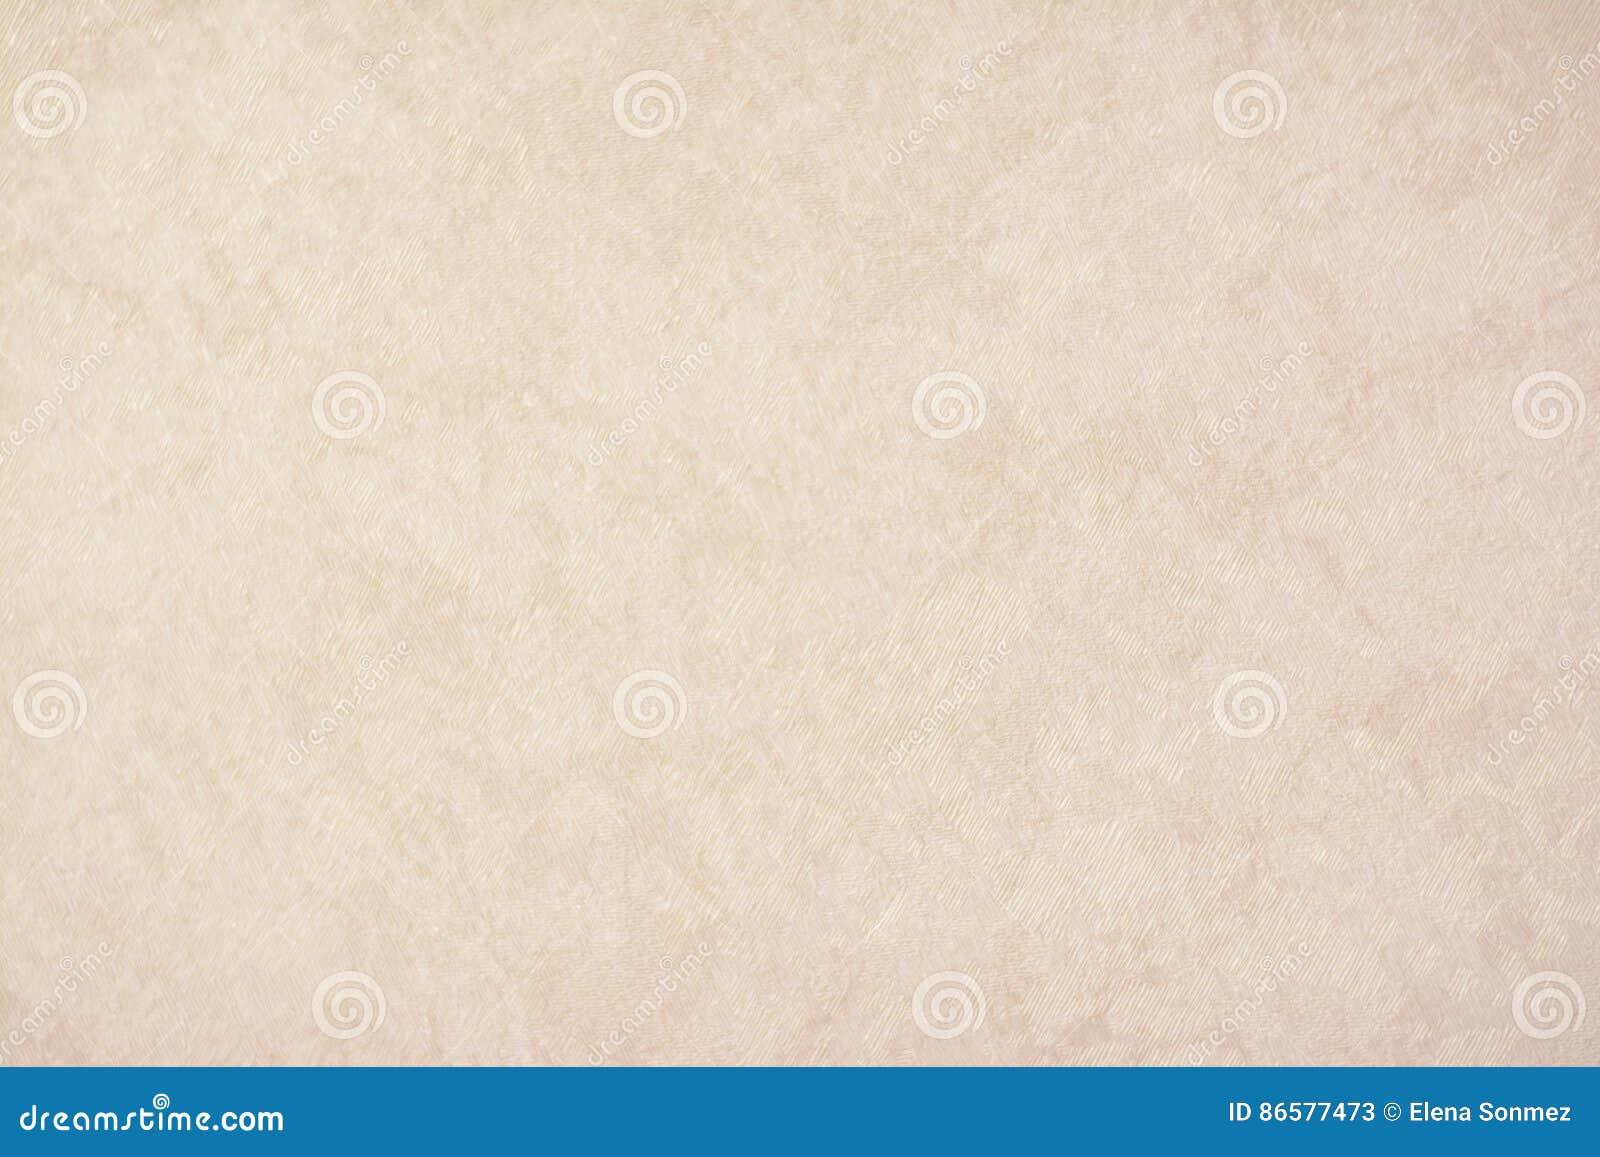 Het gouden textuurdocument als achtergrond in gele uitstekende room of het beige kleurt, perkamentdocument, abstracte pastelkleur